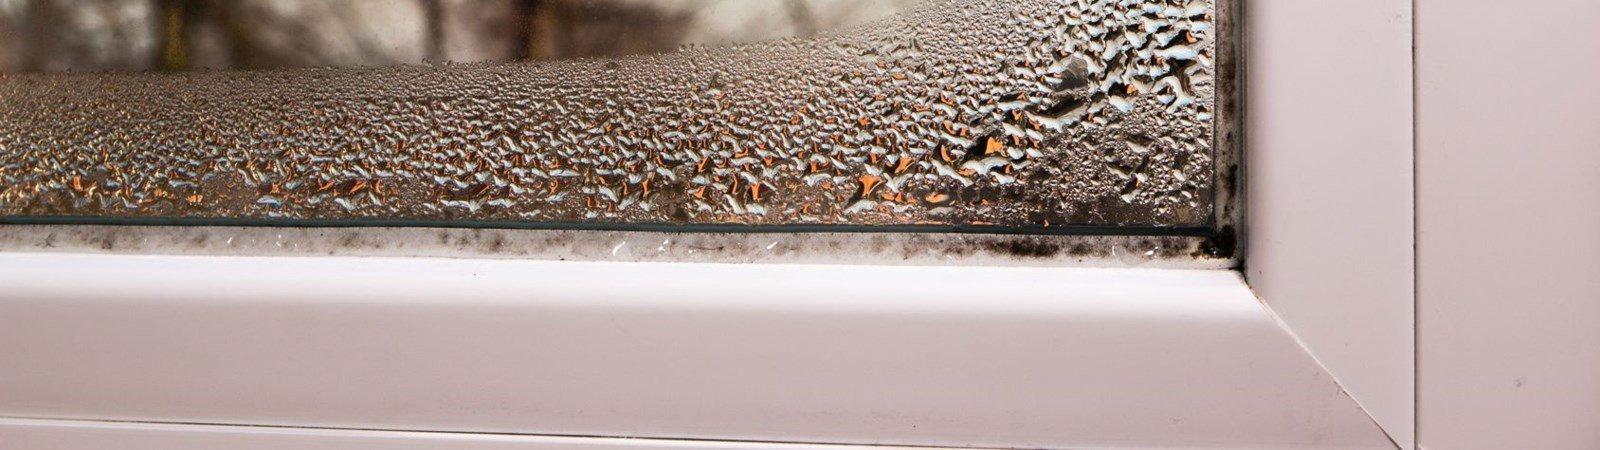 Kondenswasser am Fenster: das können Sie dagegen tun